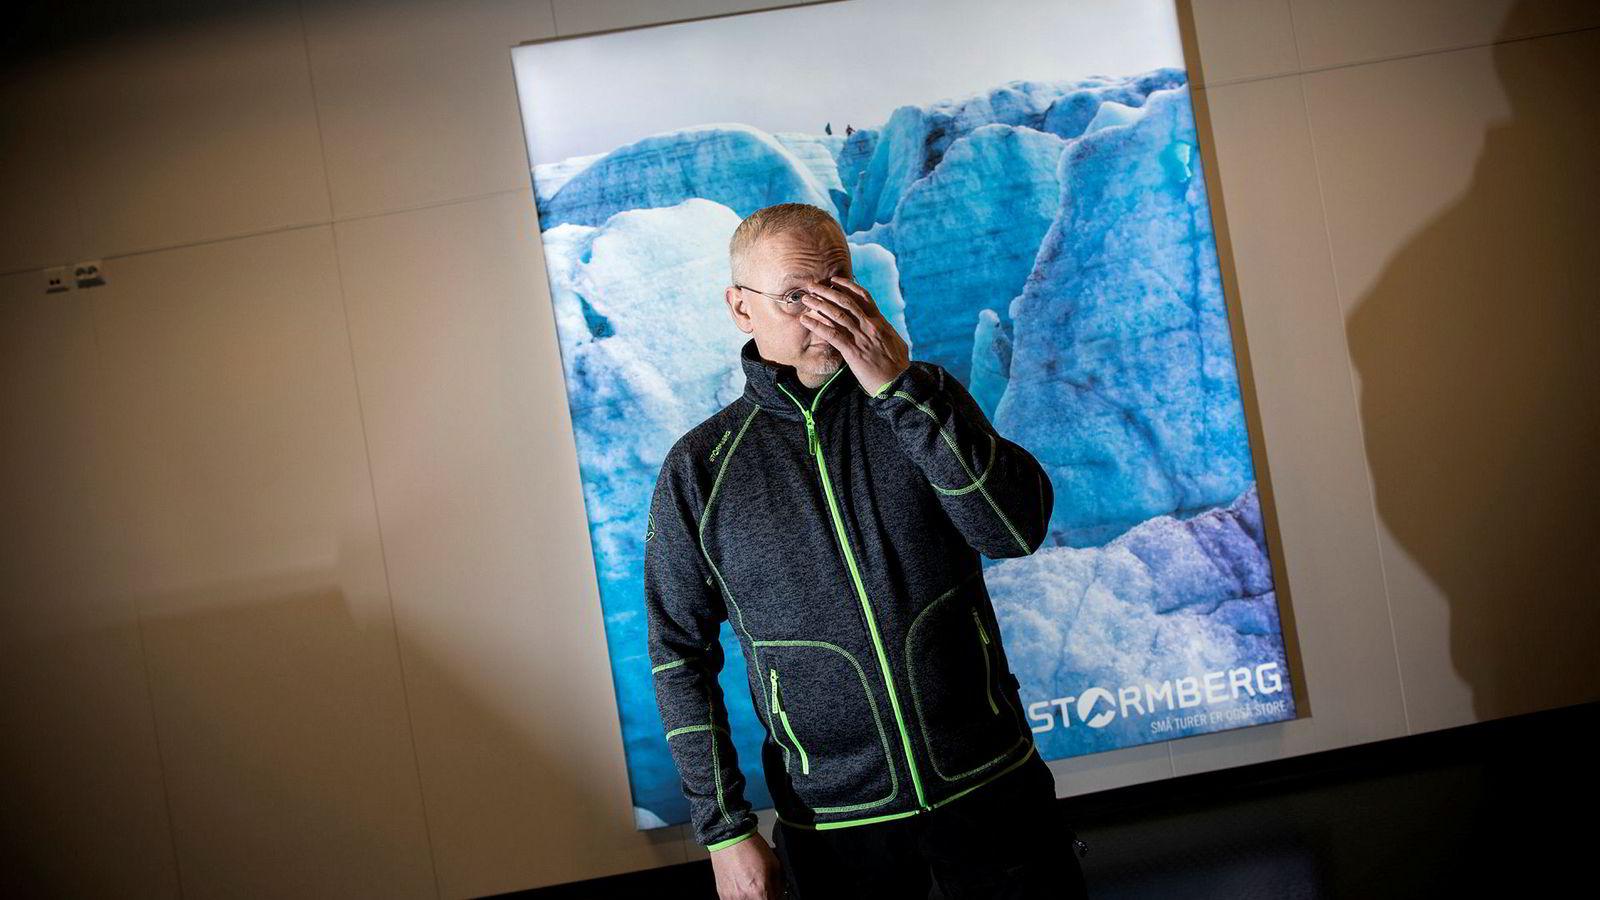 Stormberg-eier Steinar J. Olsen rammes av boikott og brenning av hans produkter etter han nok en gang har valgt side i ulvedebatten.